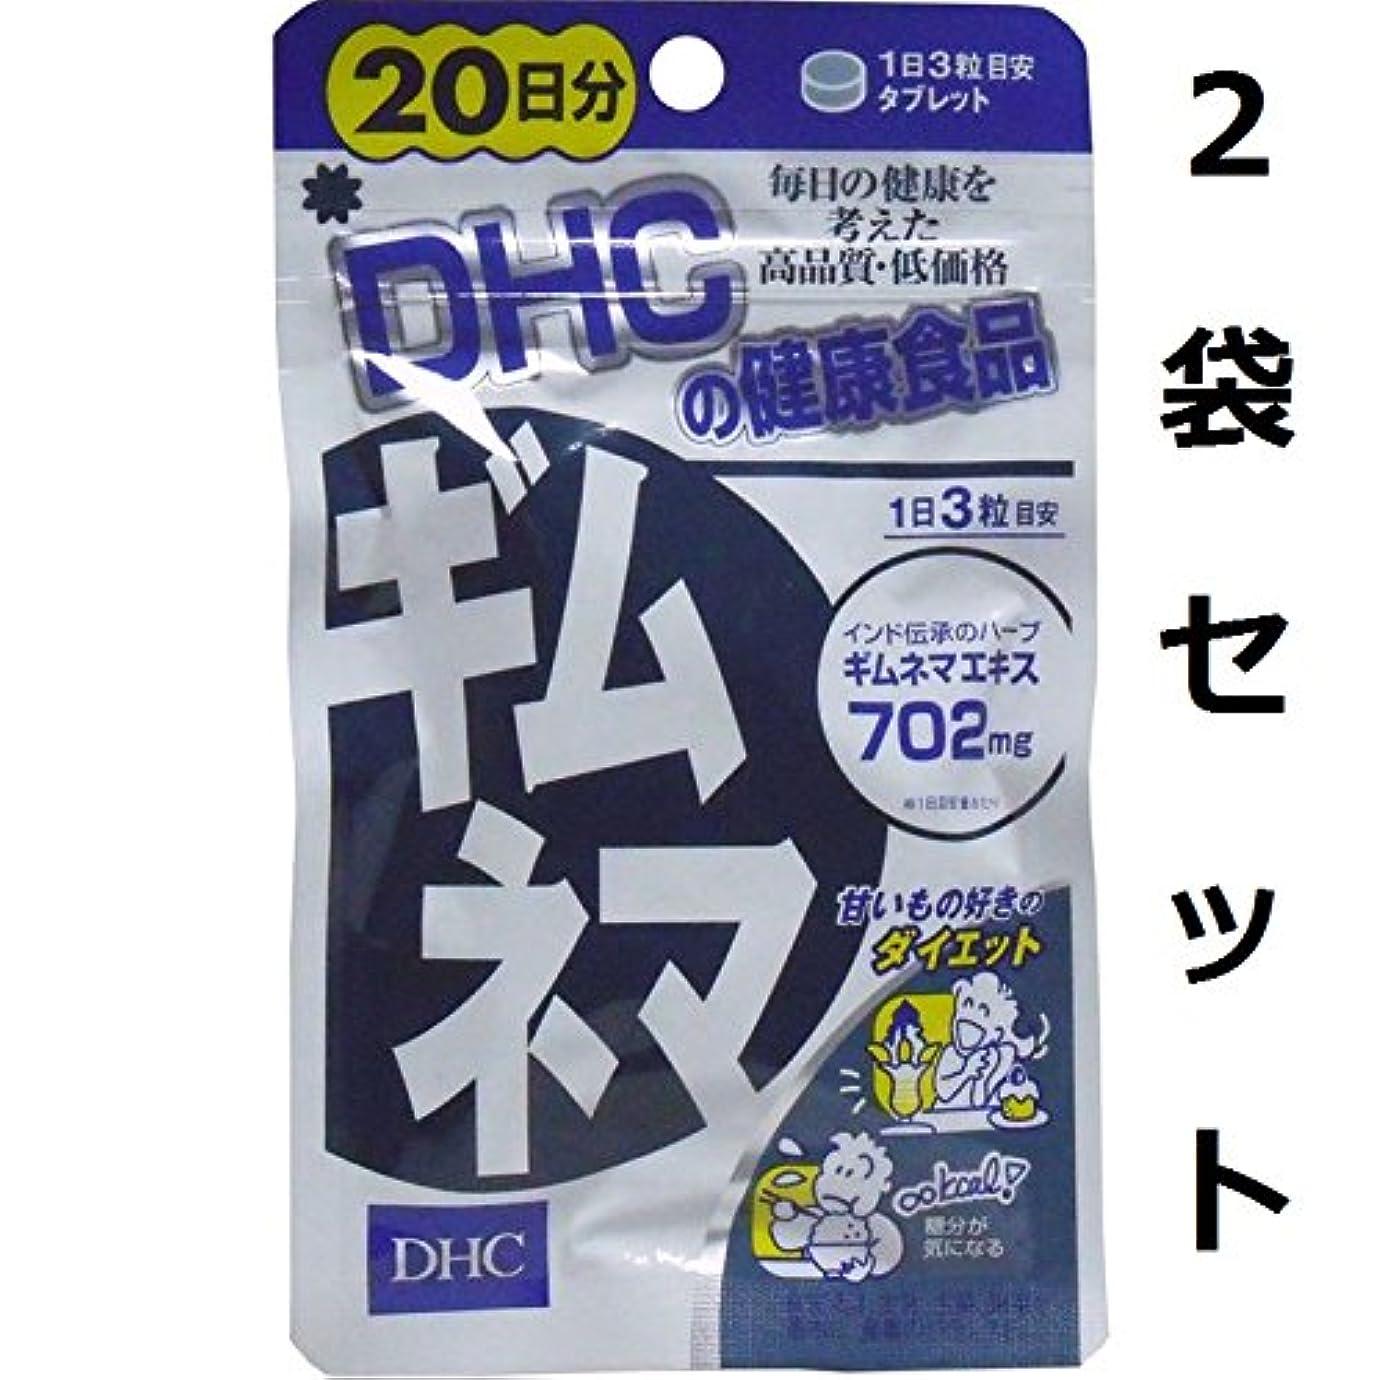 慣らす子パッケージ我慢せずに余分な糖分をブロック DHC ギムネマ 20日分 60粒 2袋セット